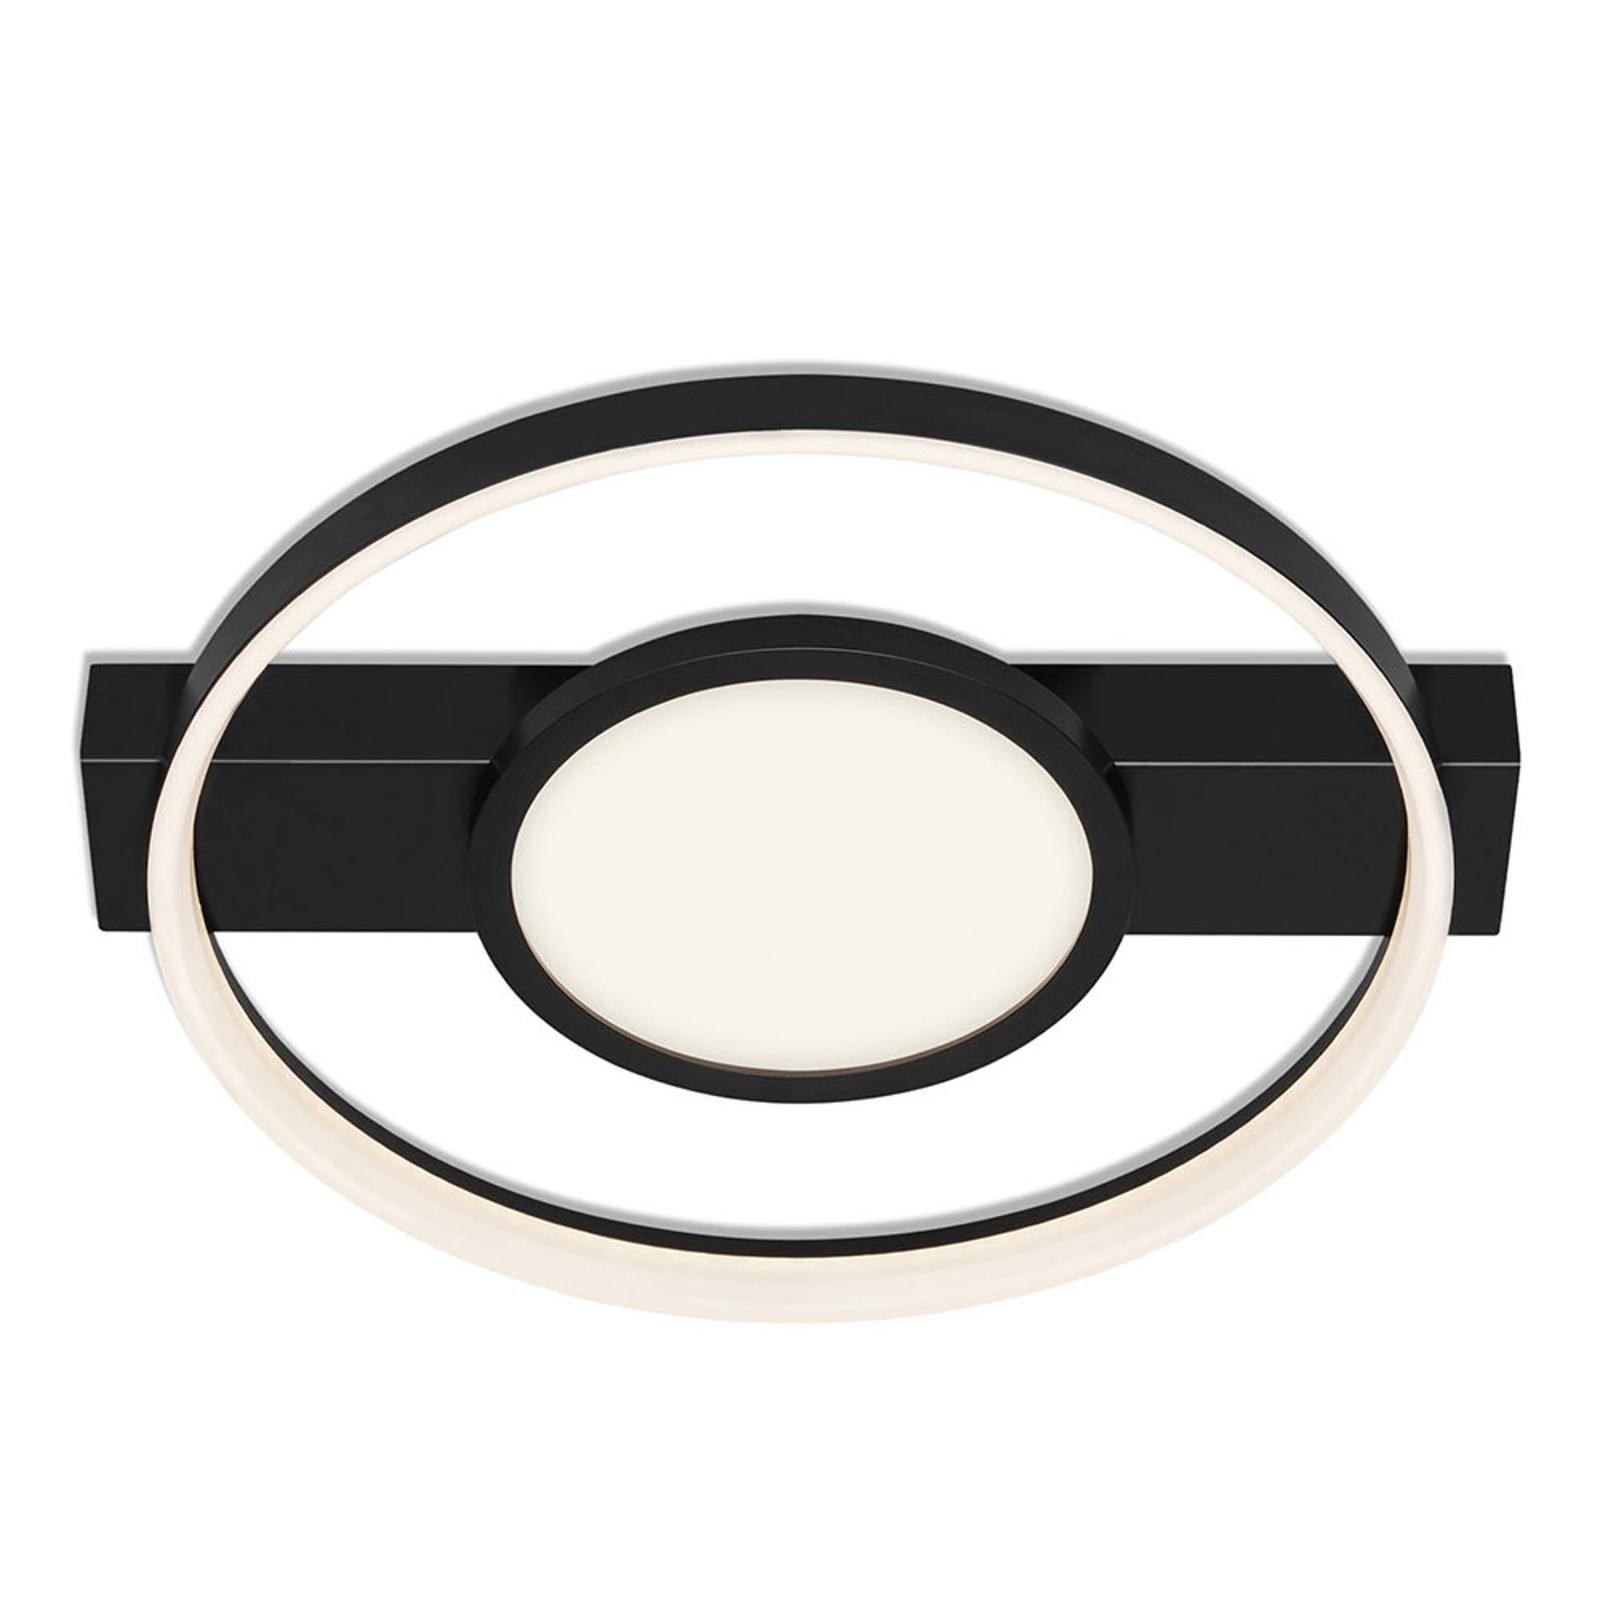 LED-Deckenleuchte 3026, rund, schwarz, zweiflammig